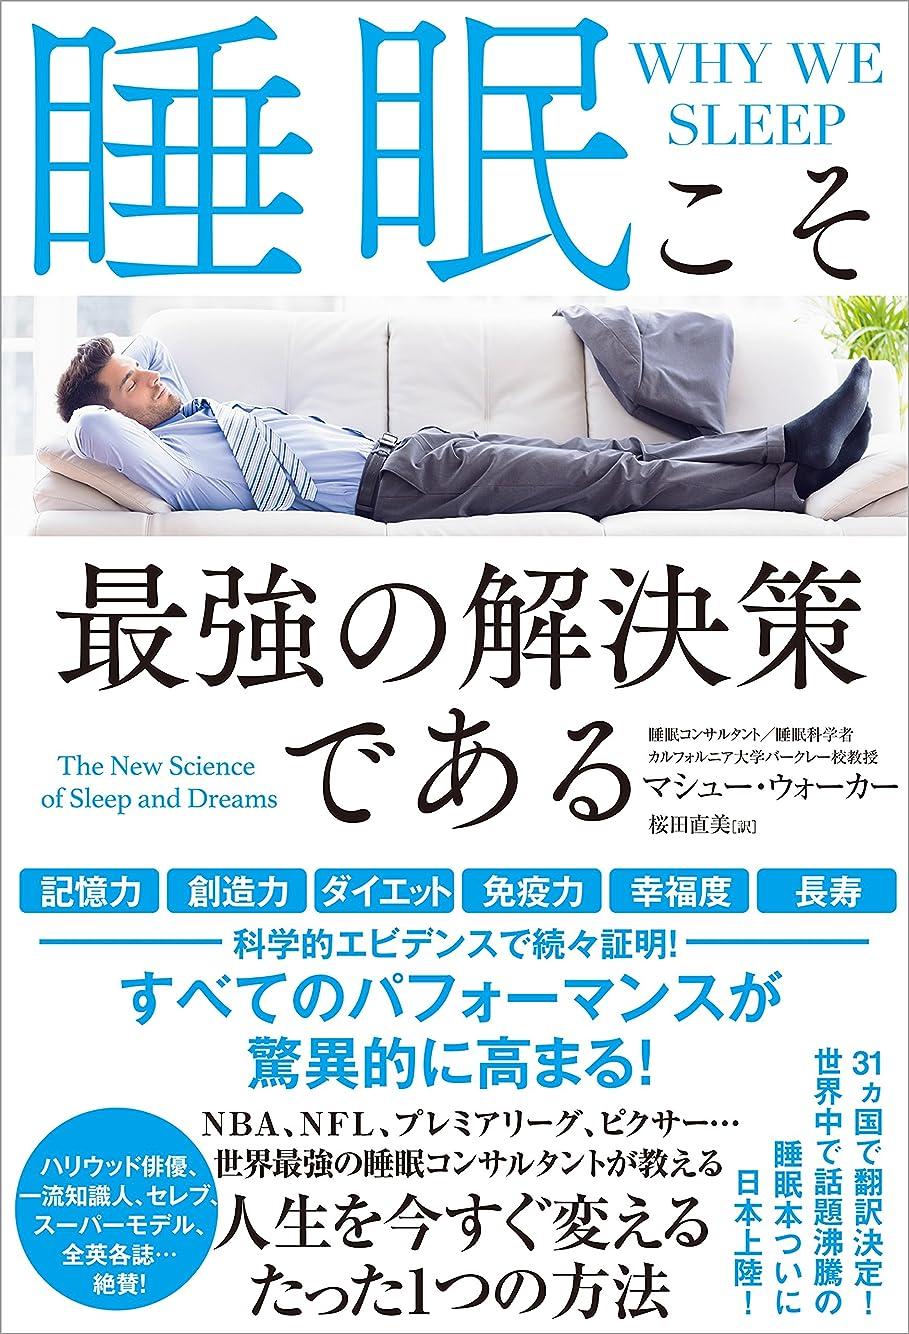 まだスチュアート島暫定睡眠こそ最強の解決策である